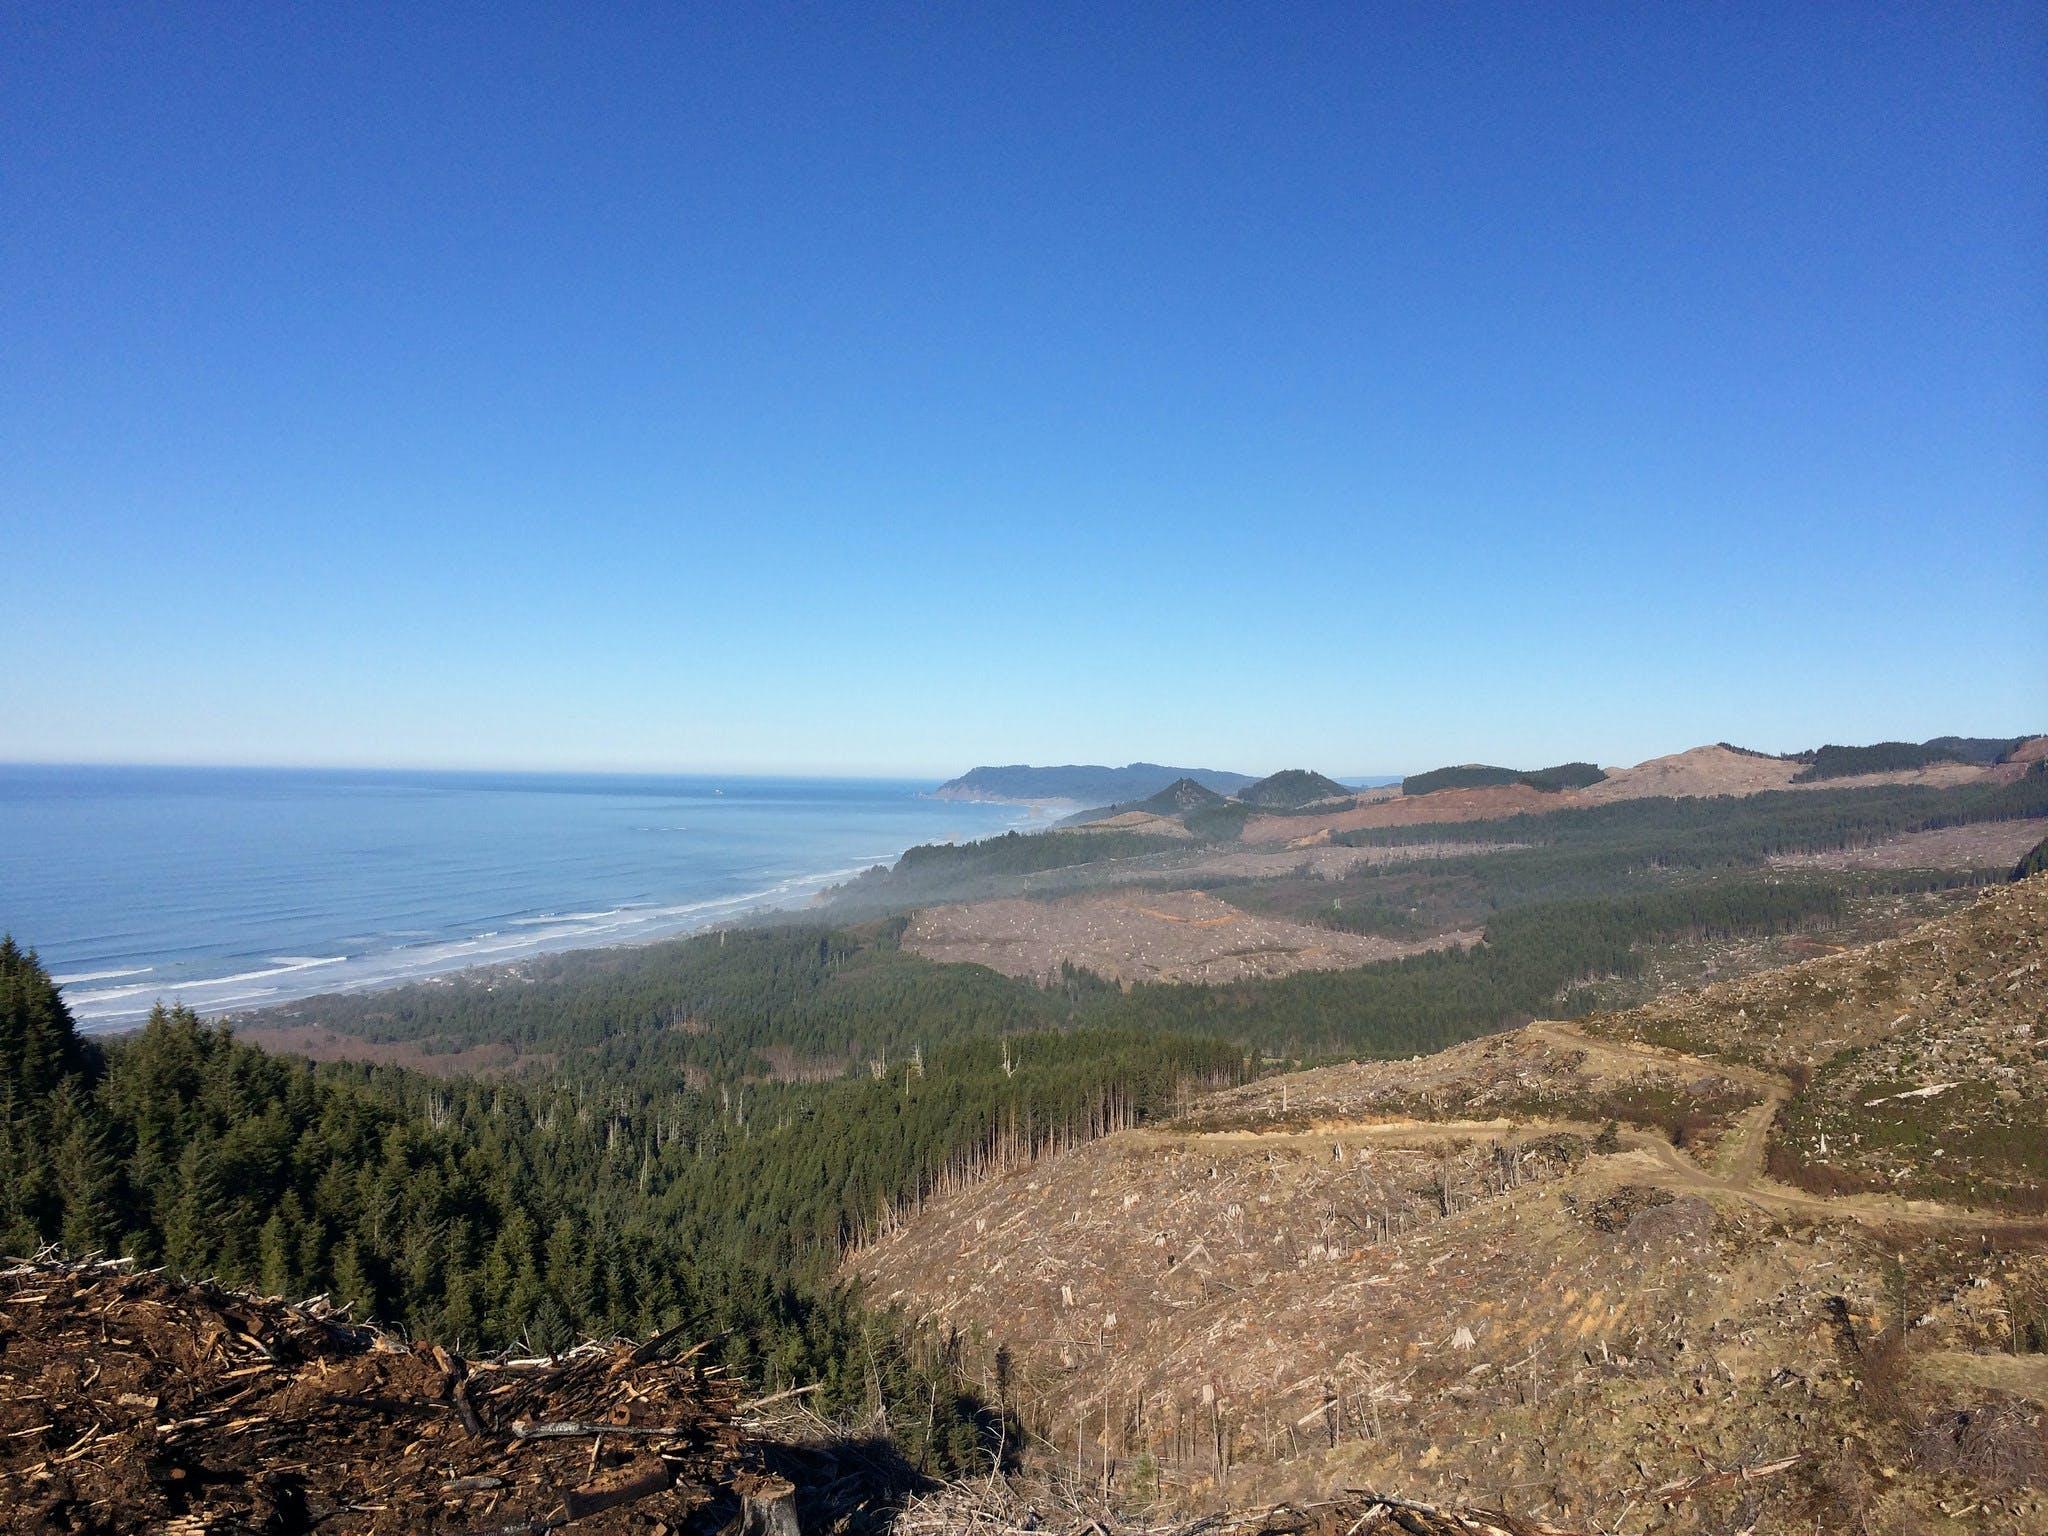 Angora Peak view above Arch Cape